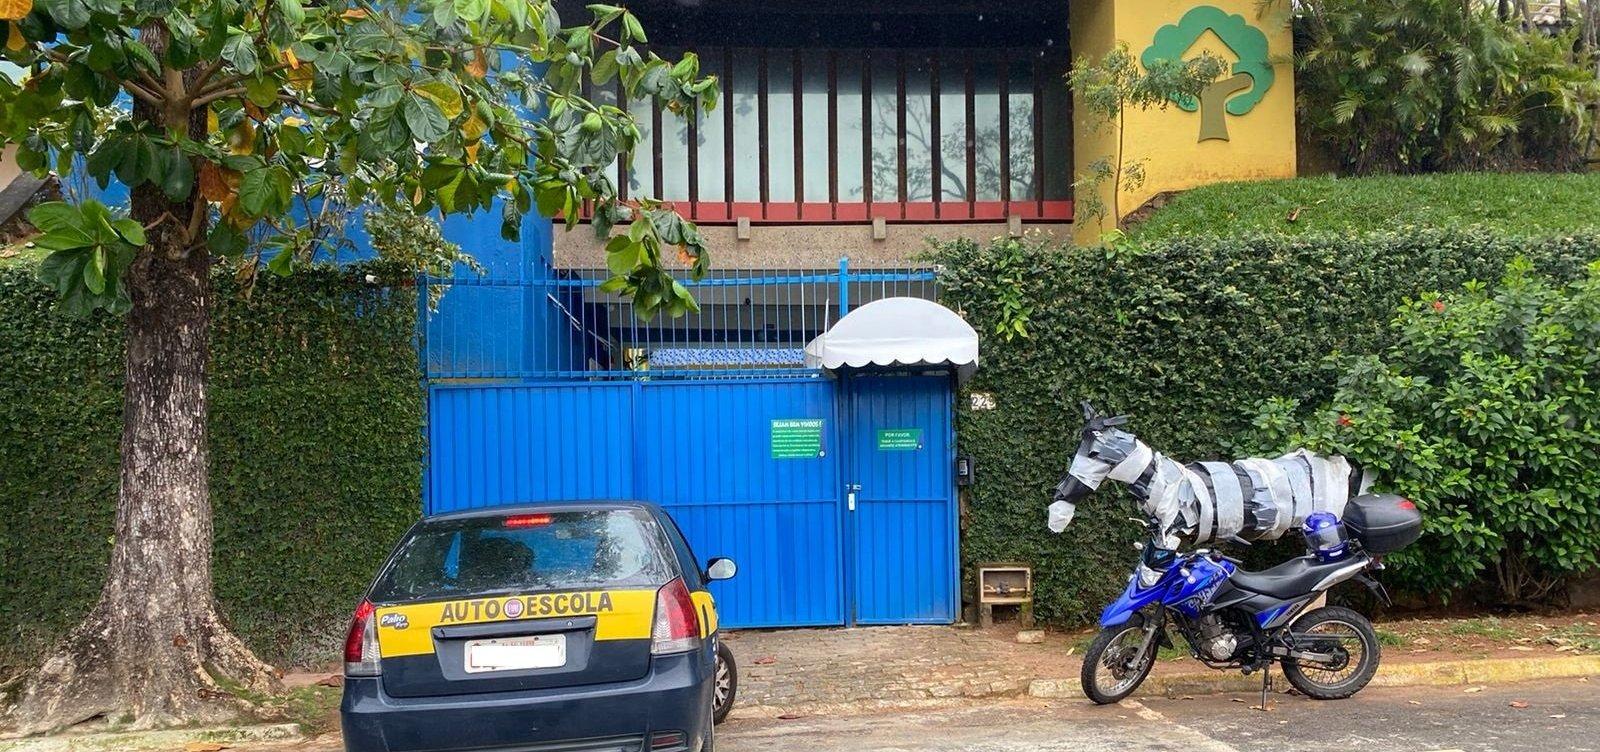 Pais se queixam de balizas de autoescola feitas em frente a colégio infantil